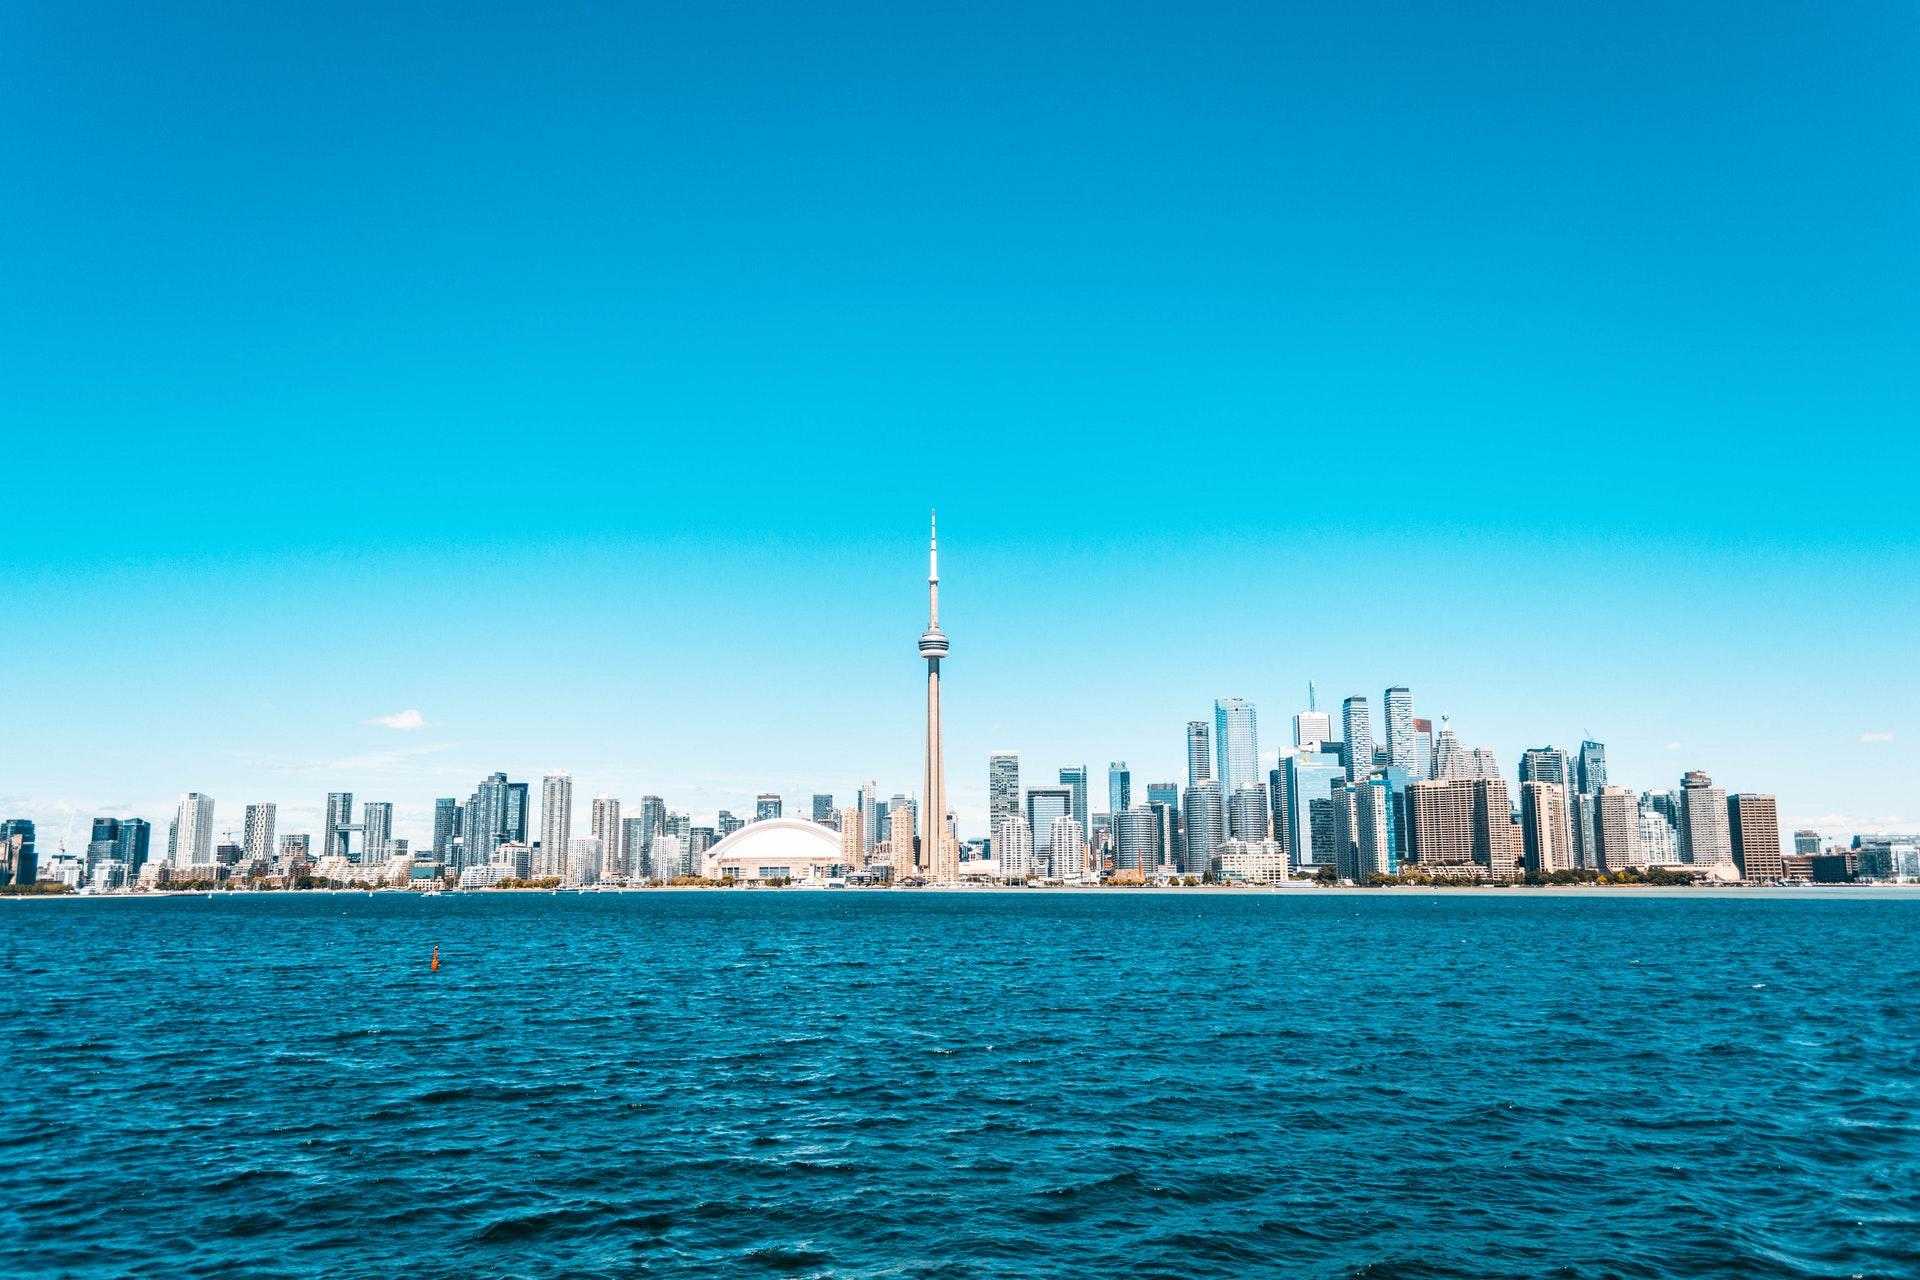 2019年最新地产数据报告:多伦多、温哥华、蒙特利尔三大城市最新地产数据报告